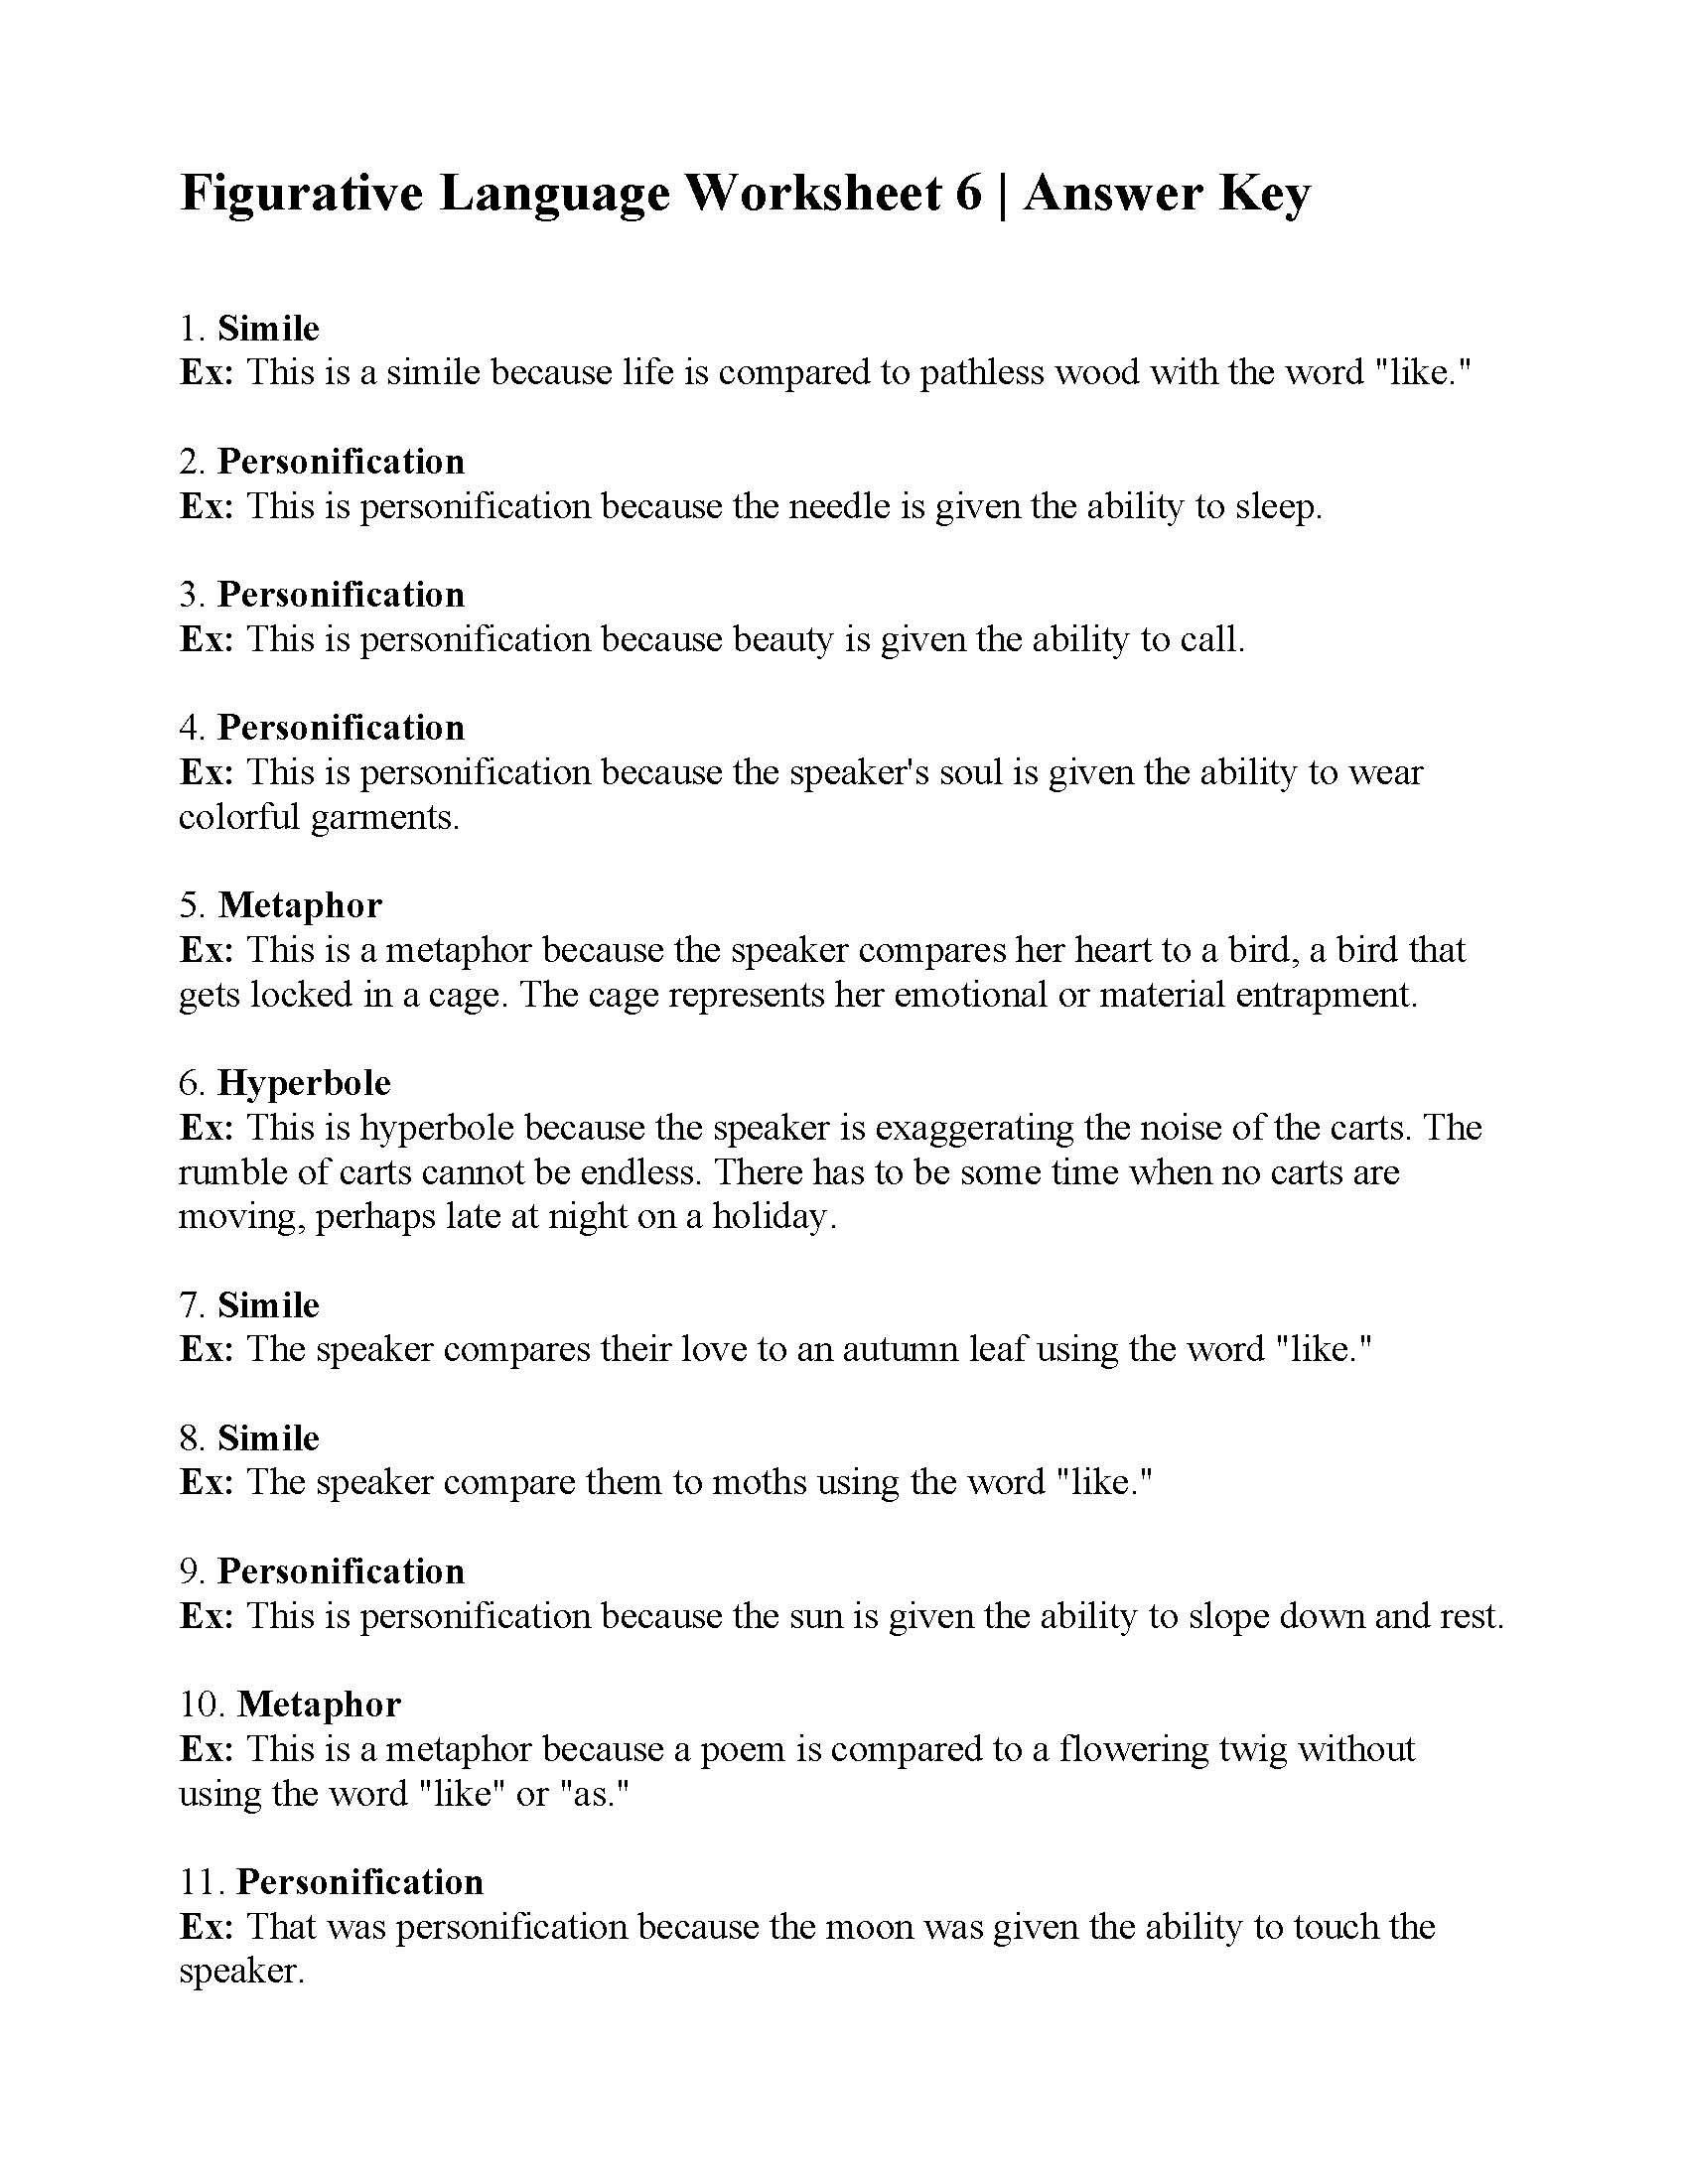 Figurative Language Worksheet 6